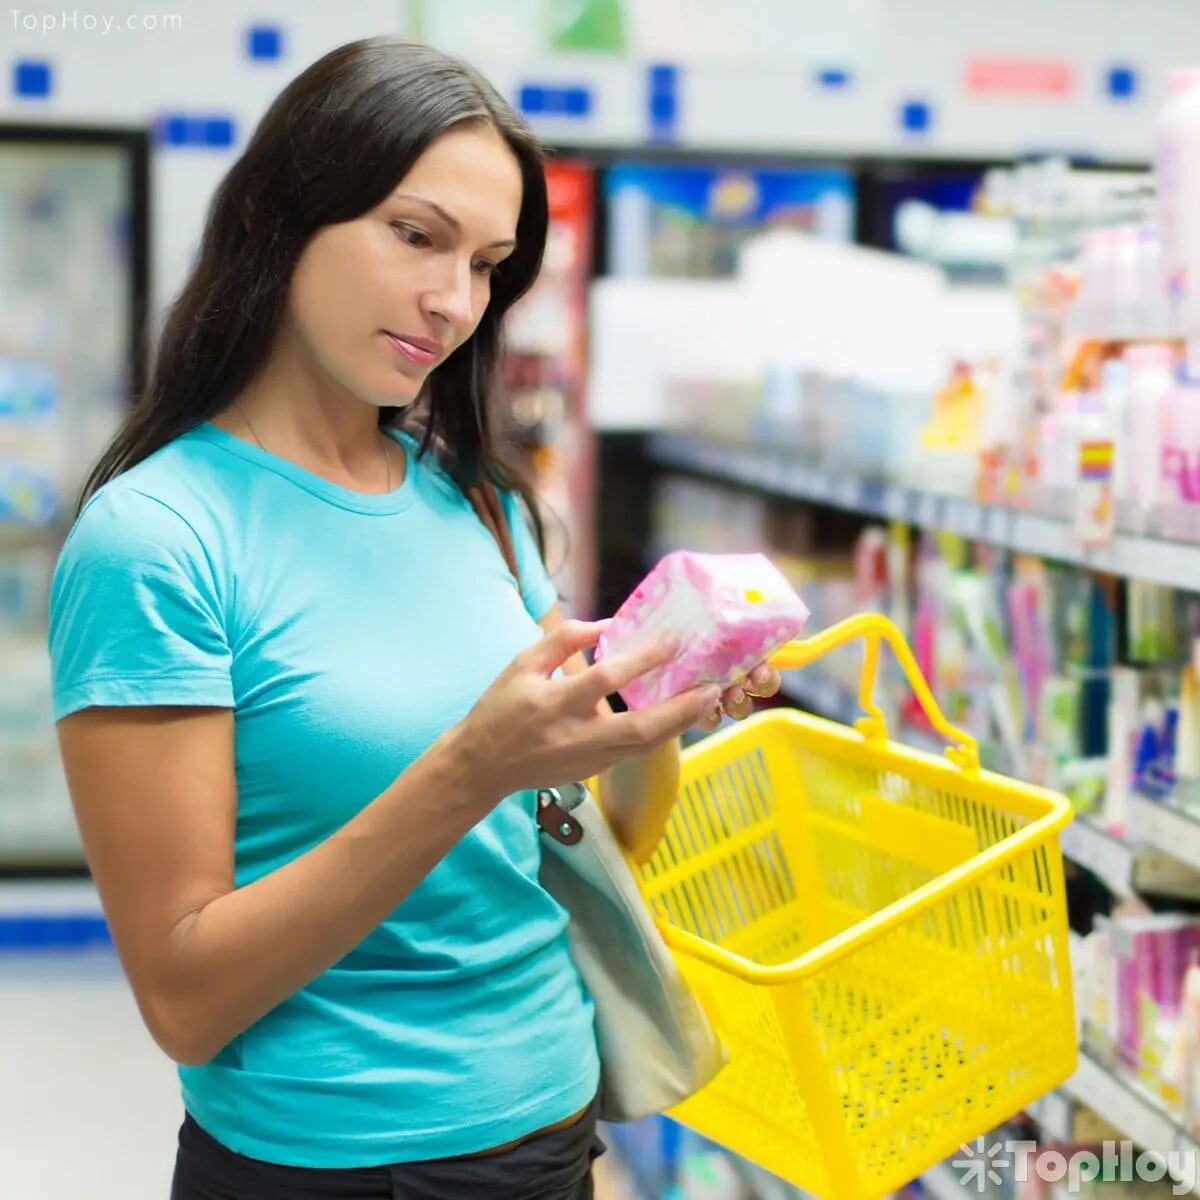 Especialistas en la materia aconsejan que su uso no sea diario, sino cuando culmine la menstruación para evitar manchar la ropa interior con alguna secreción de flujo.